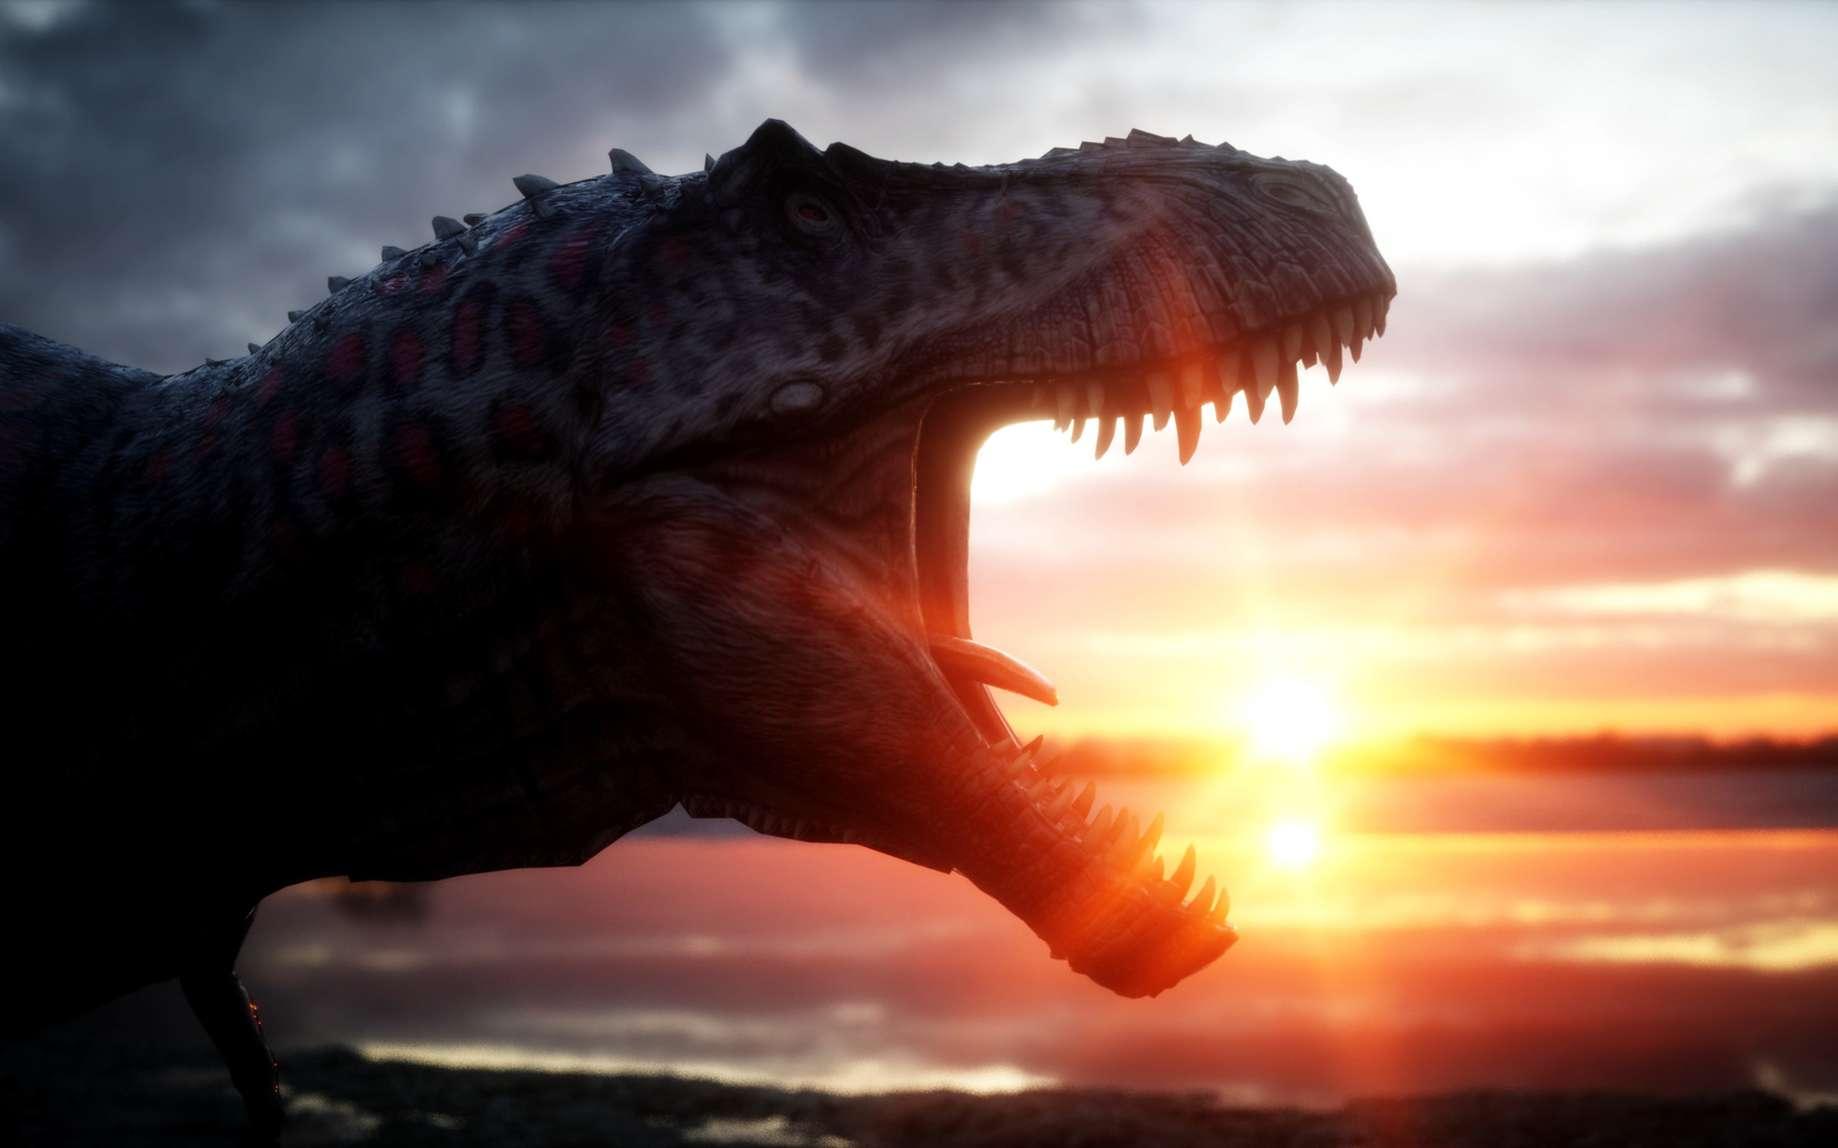 Il existe plusieurs théories qui expliquent la disparition des dinosaures. Les extraterrestres sont même pointés du doigt mais aucun élément scientifique ne l'atteste. En revanche, un astéroïde est bel et bien rentré en collision avec la Terre il y a 65 millions d'années... © chagpg, Fotolia